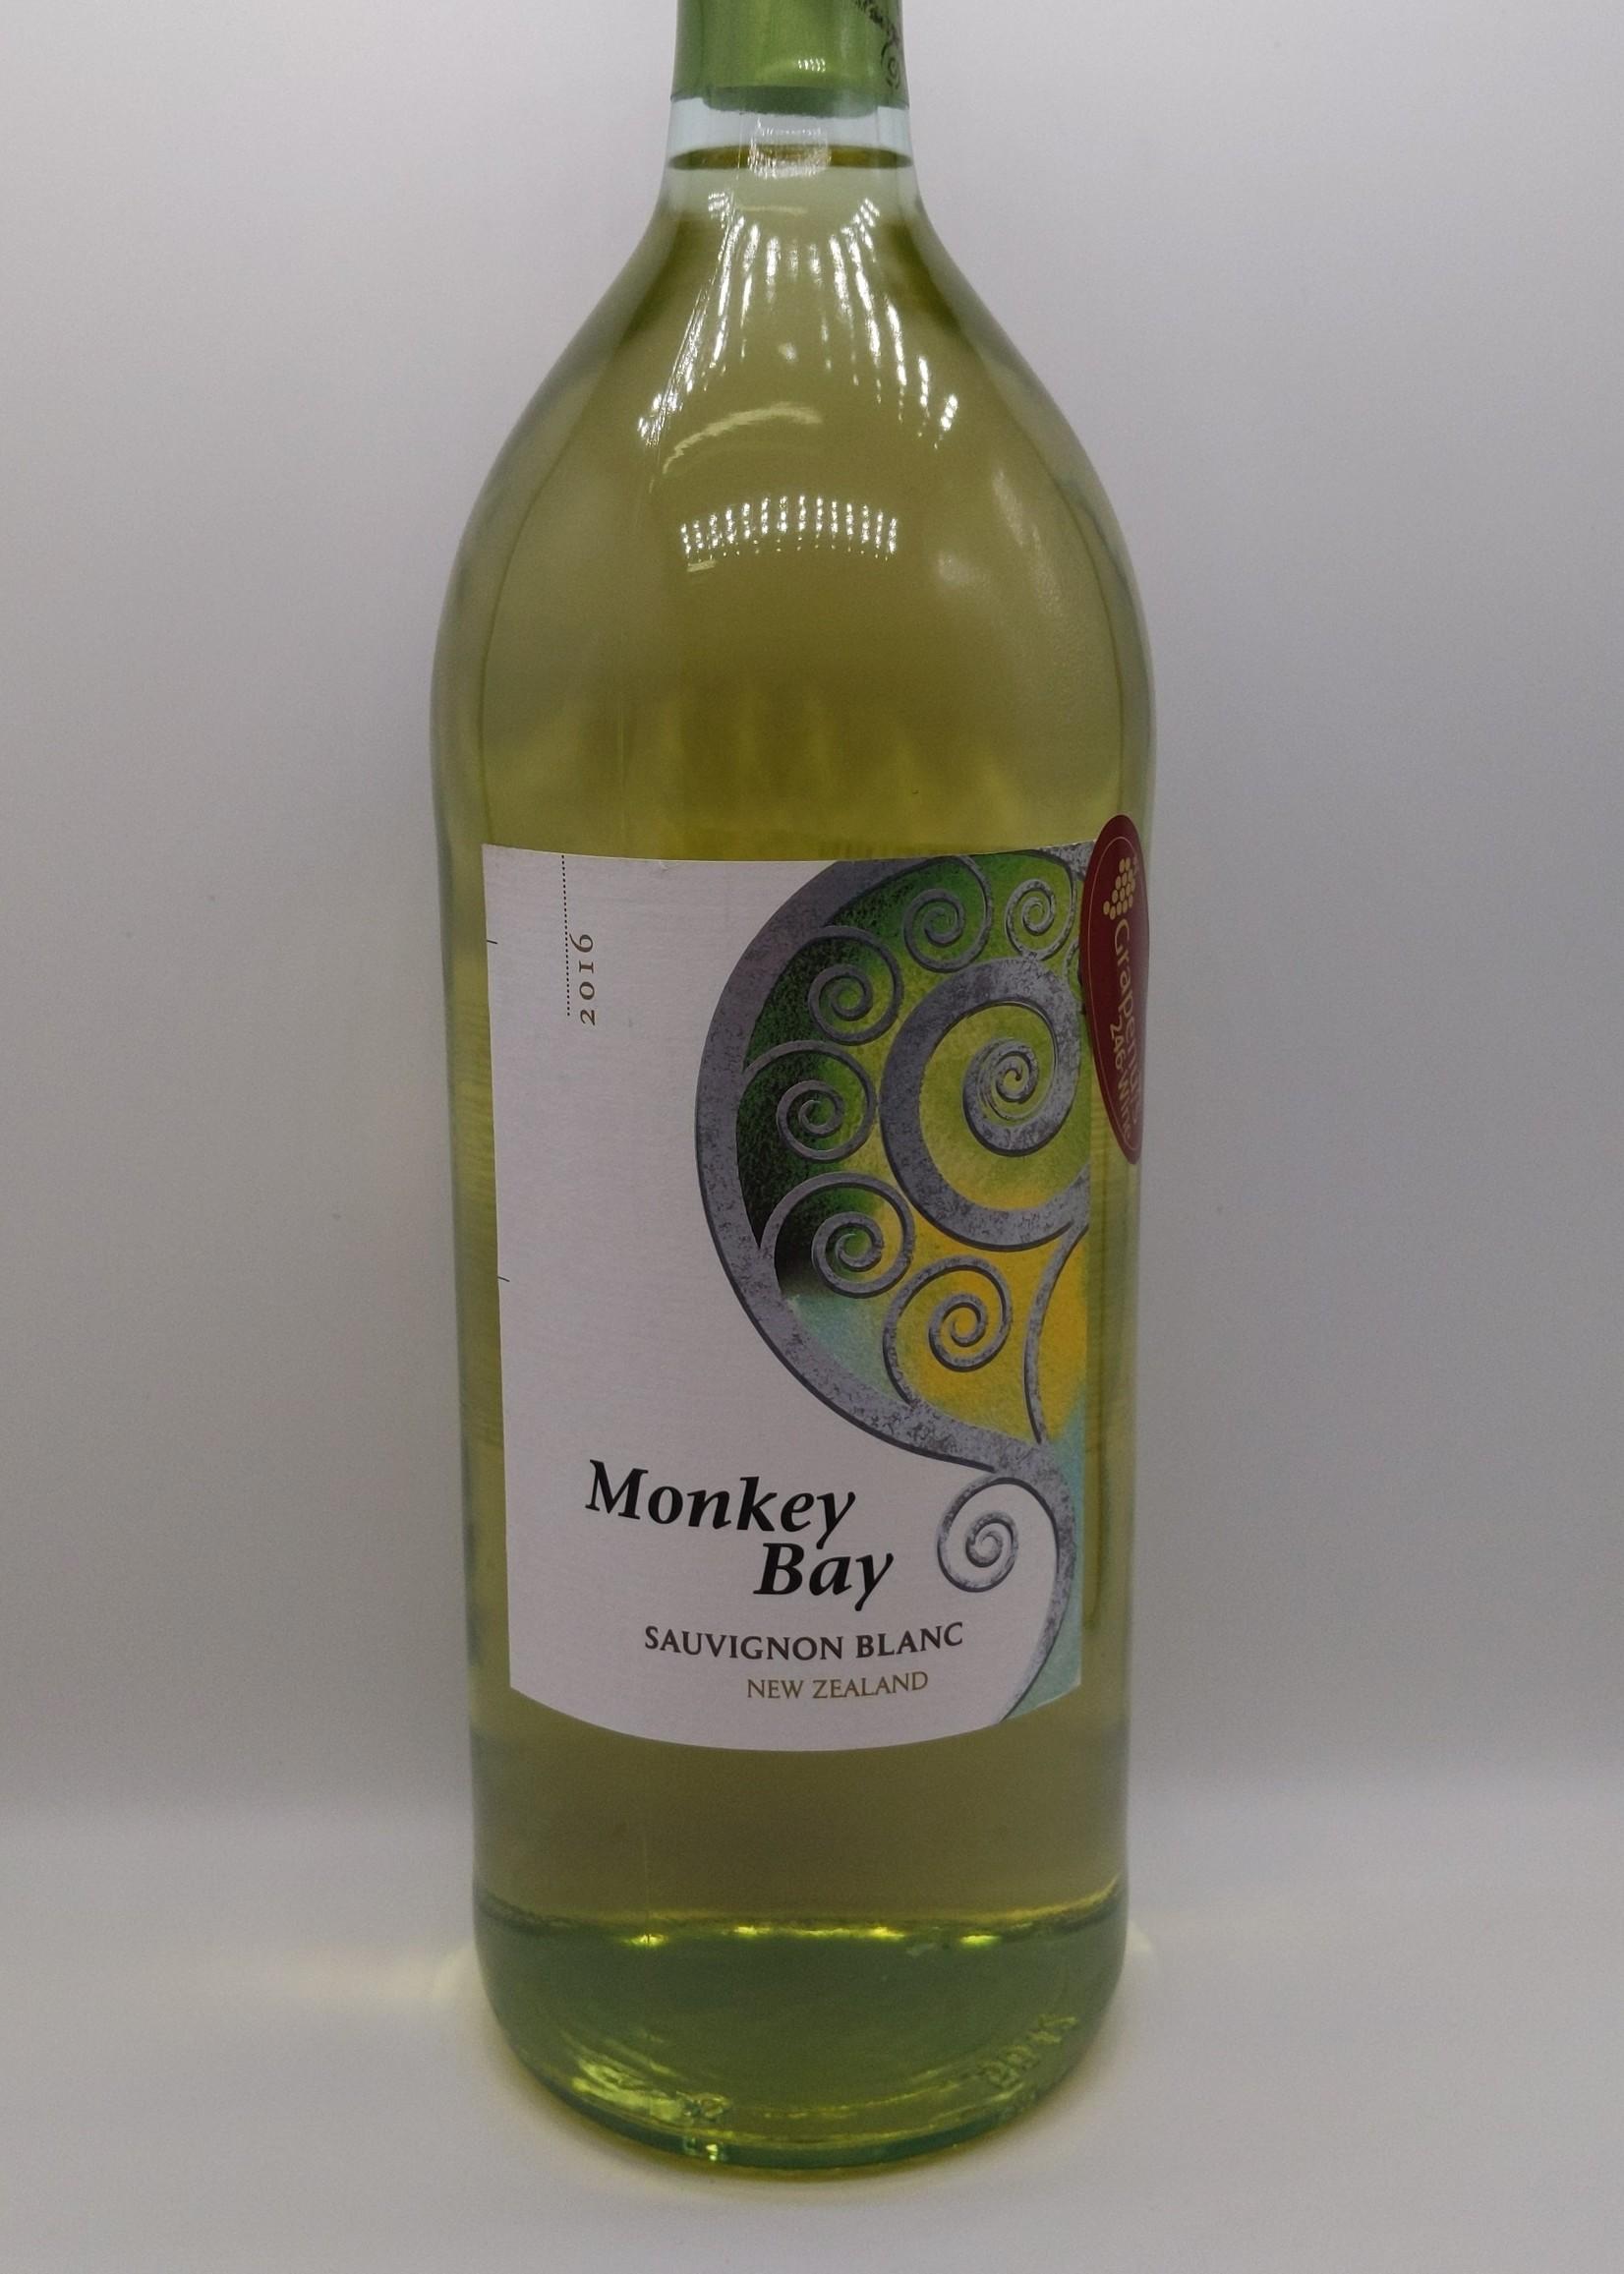 2016 MONKEY BAY SAUVIGNON BLANC 1.5L